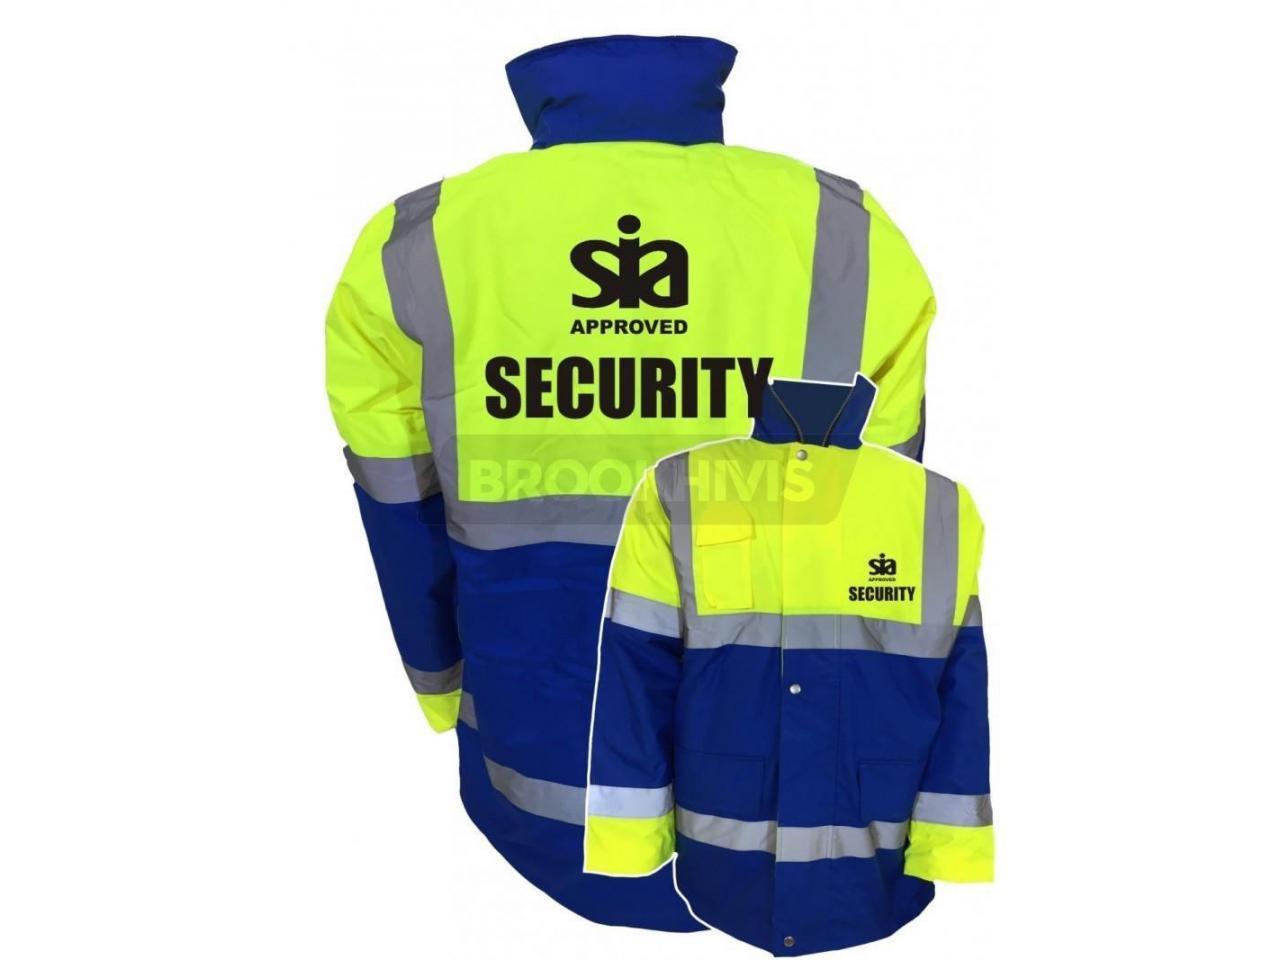 Требуются мужчины и женщины на работу охранником, зарплата в месяц до £2400. - 1